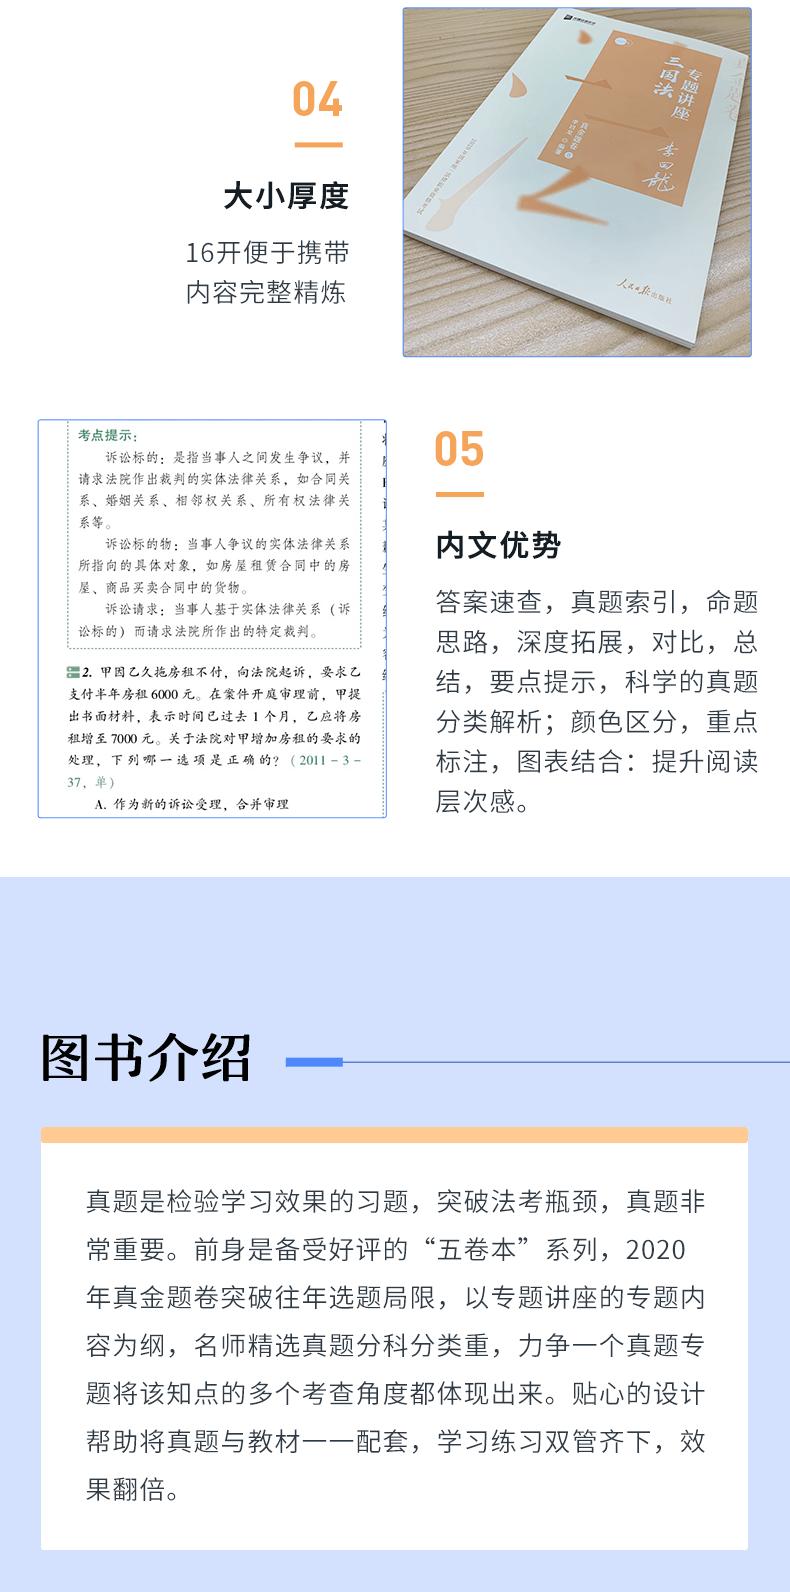 2020专题讲座真金题卷·民诉法-_04.png